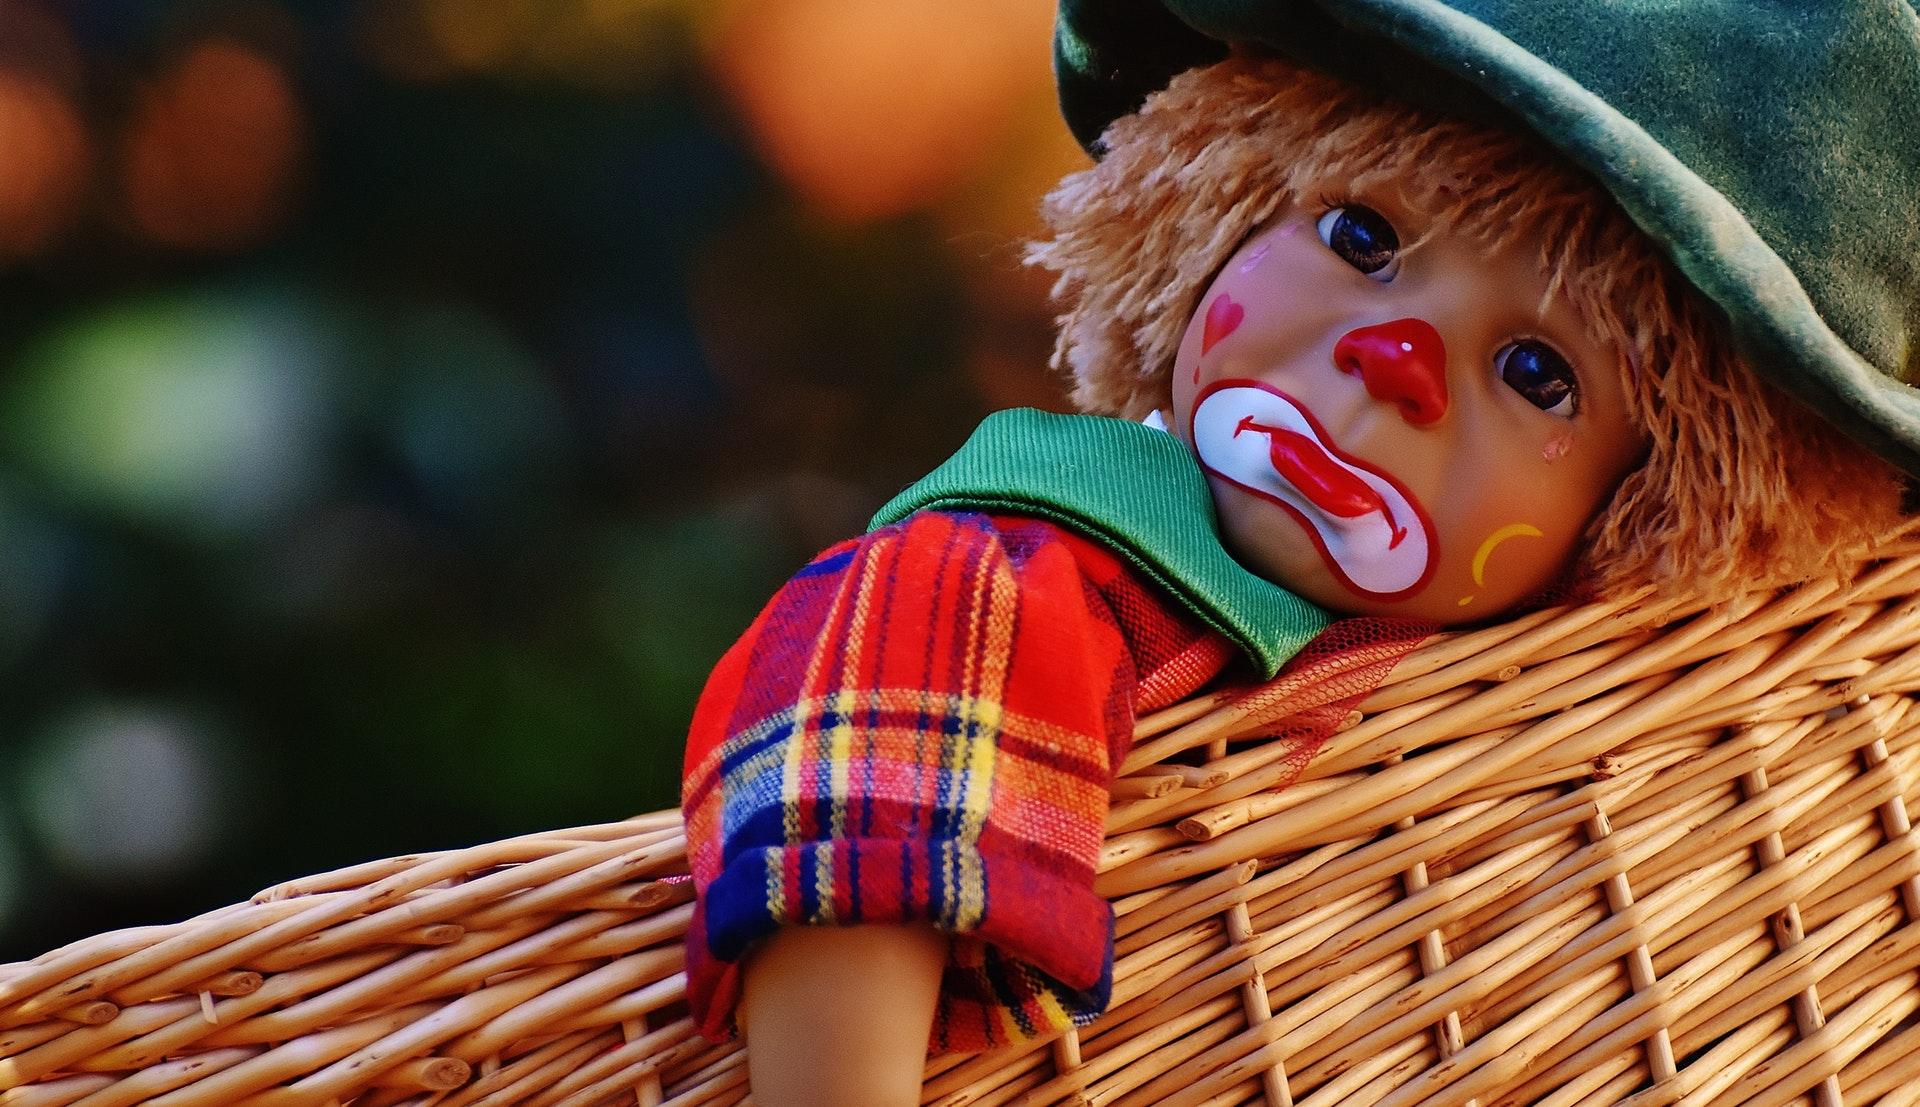 smutek płacz sad smutny klaun